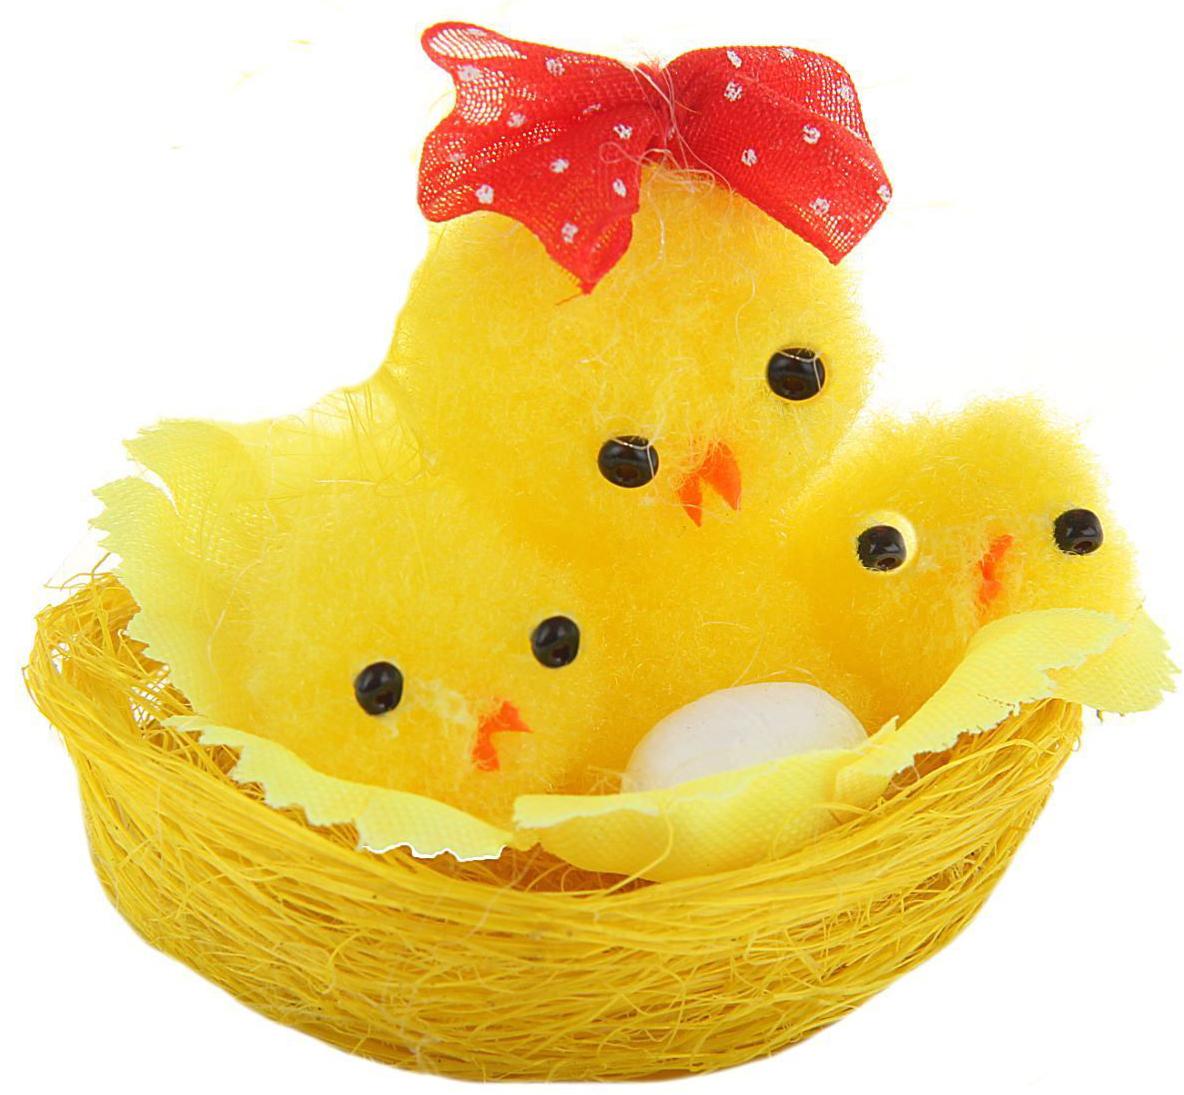 Сувенир пасхальный Sima-land Цыпа с цыплятами и яйцом в корзинке, 5 х 5 х 4 см сувенир sima land обезьянка в шарфике цвет желтый 7 х 5 7 х 8 5 см